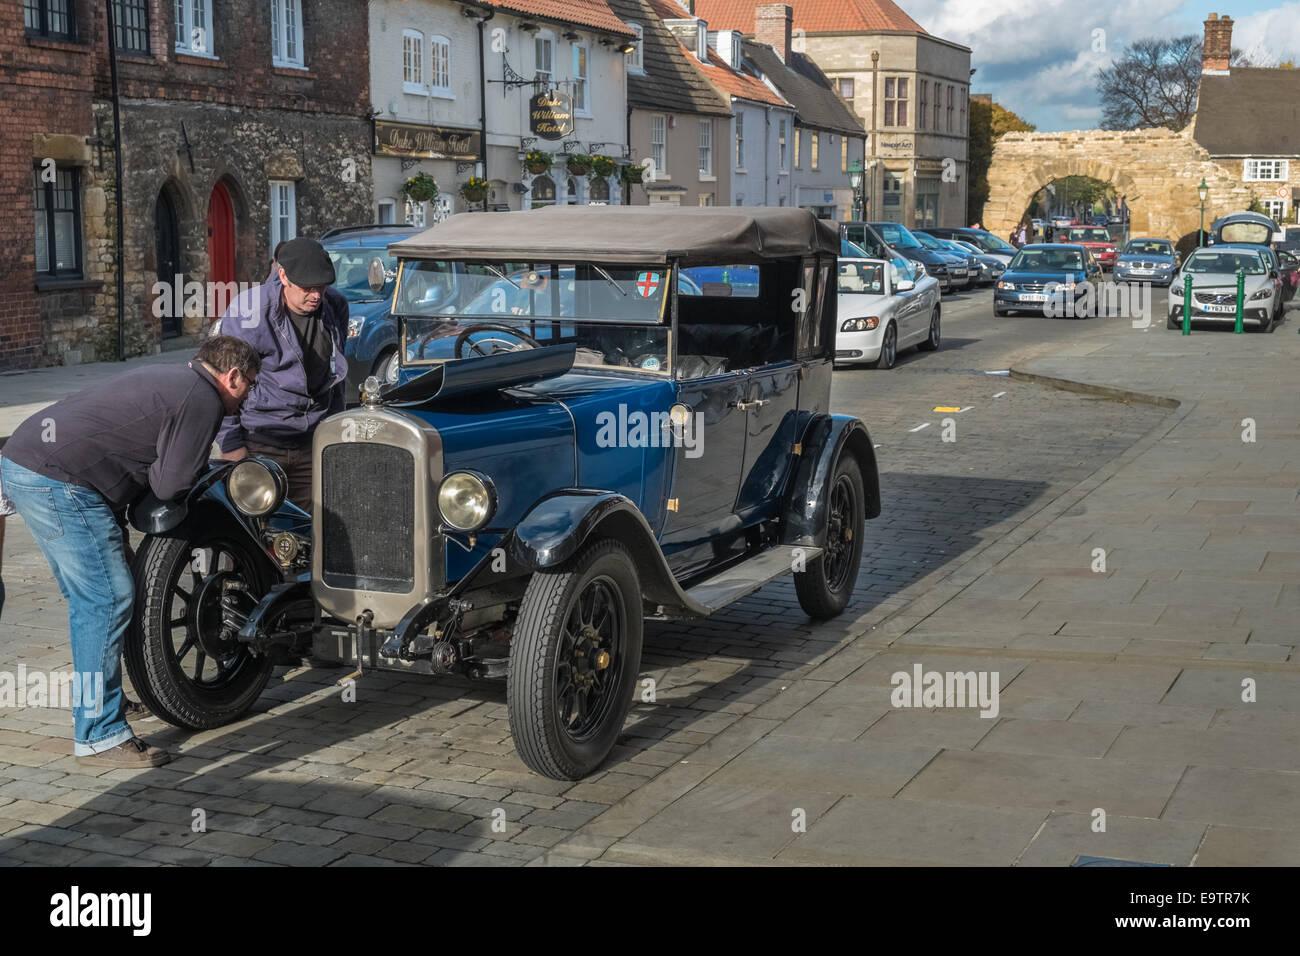 Car Breakdown Stockfotos & Car Breakdown Bilder - Alamy